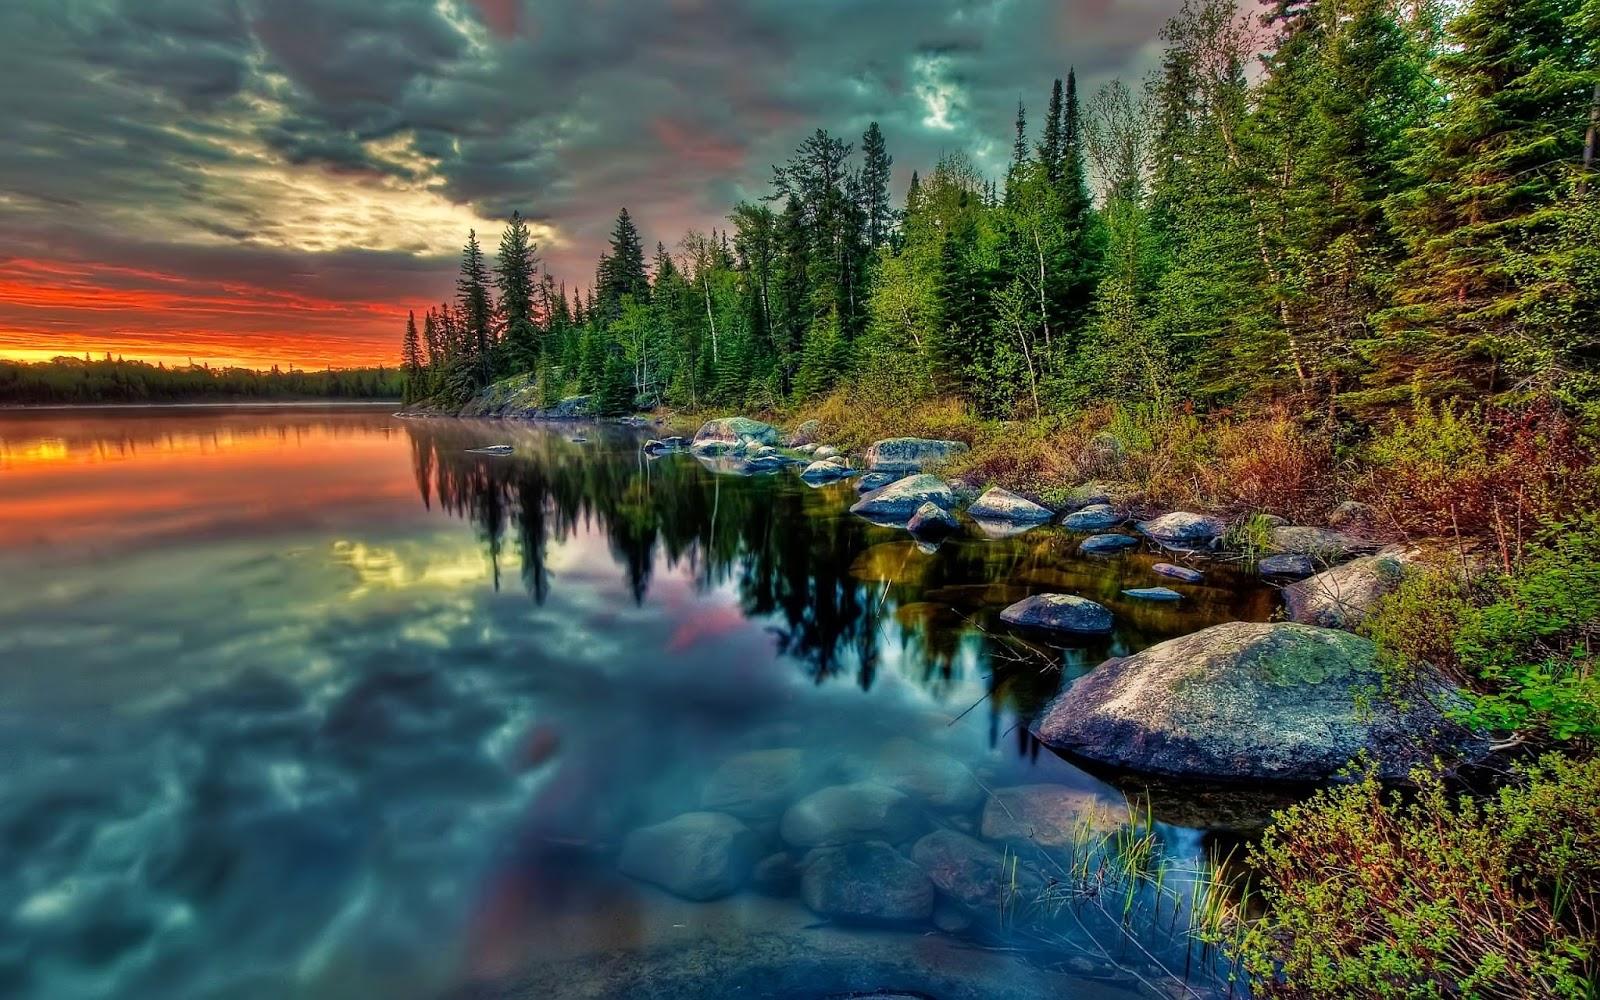 Desktop Hd Wallpapers Beautiful Nature Hd Wallpapers 1080p